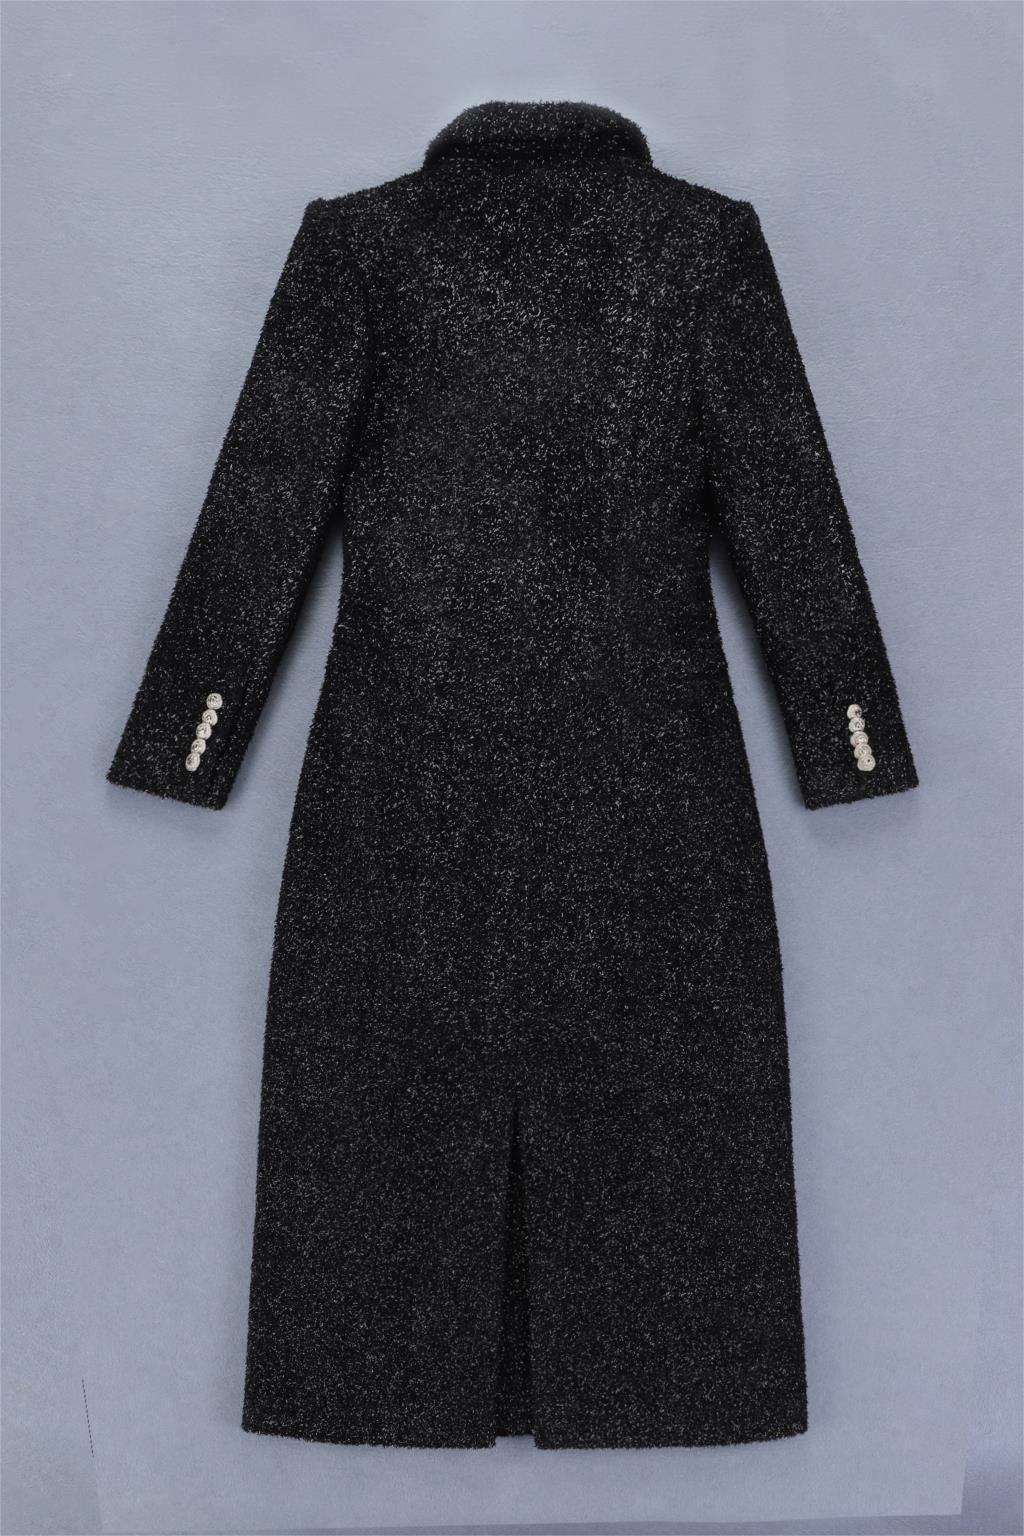 Longues Deavogy 2018 Nouvelle Manches Veste Mode Femmes Chiffon Manteau Noir À rQBohxtsdC